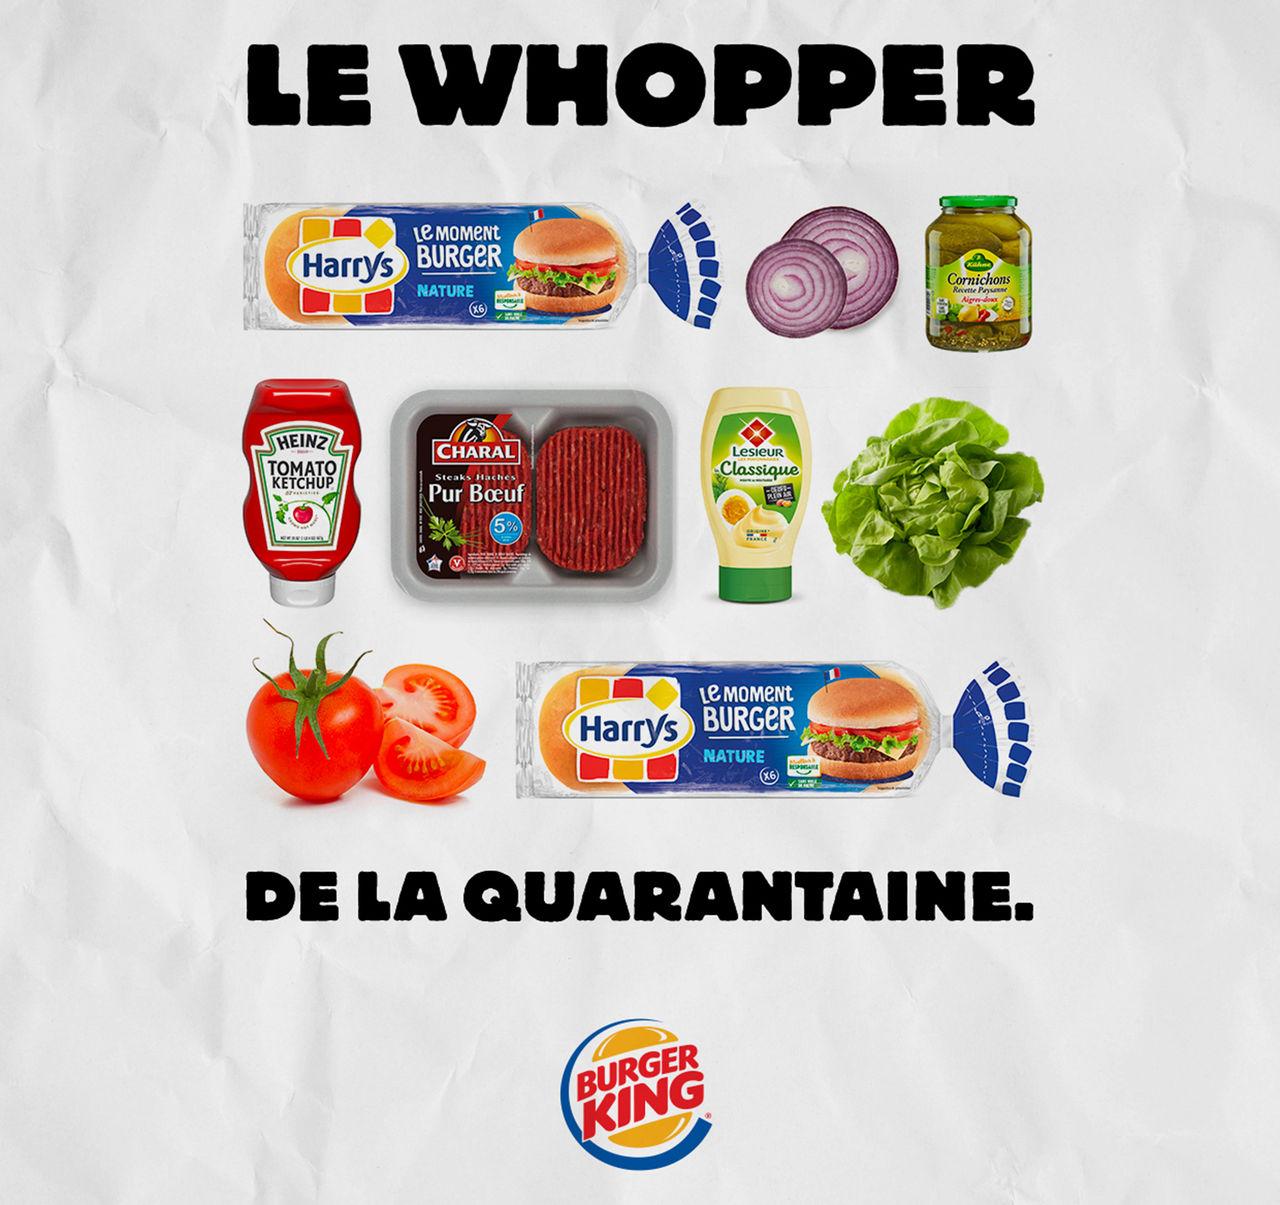 Burger King visar hur du gör karantän-burgare